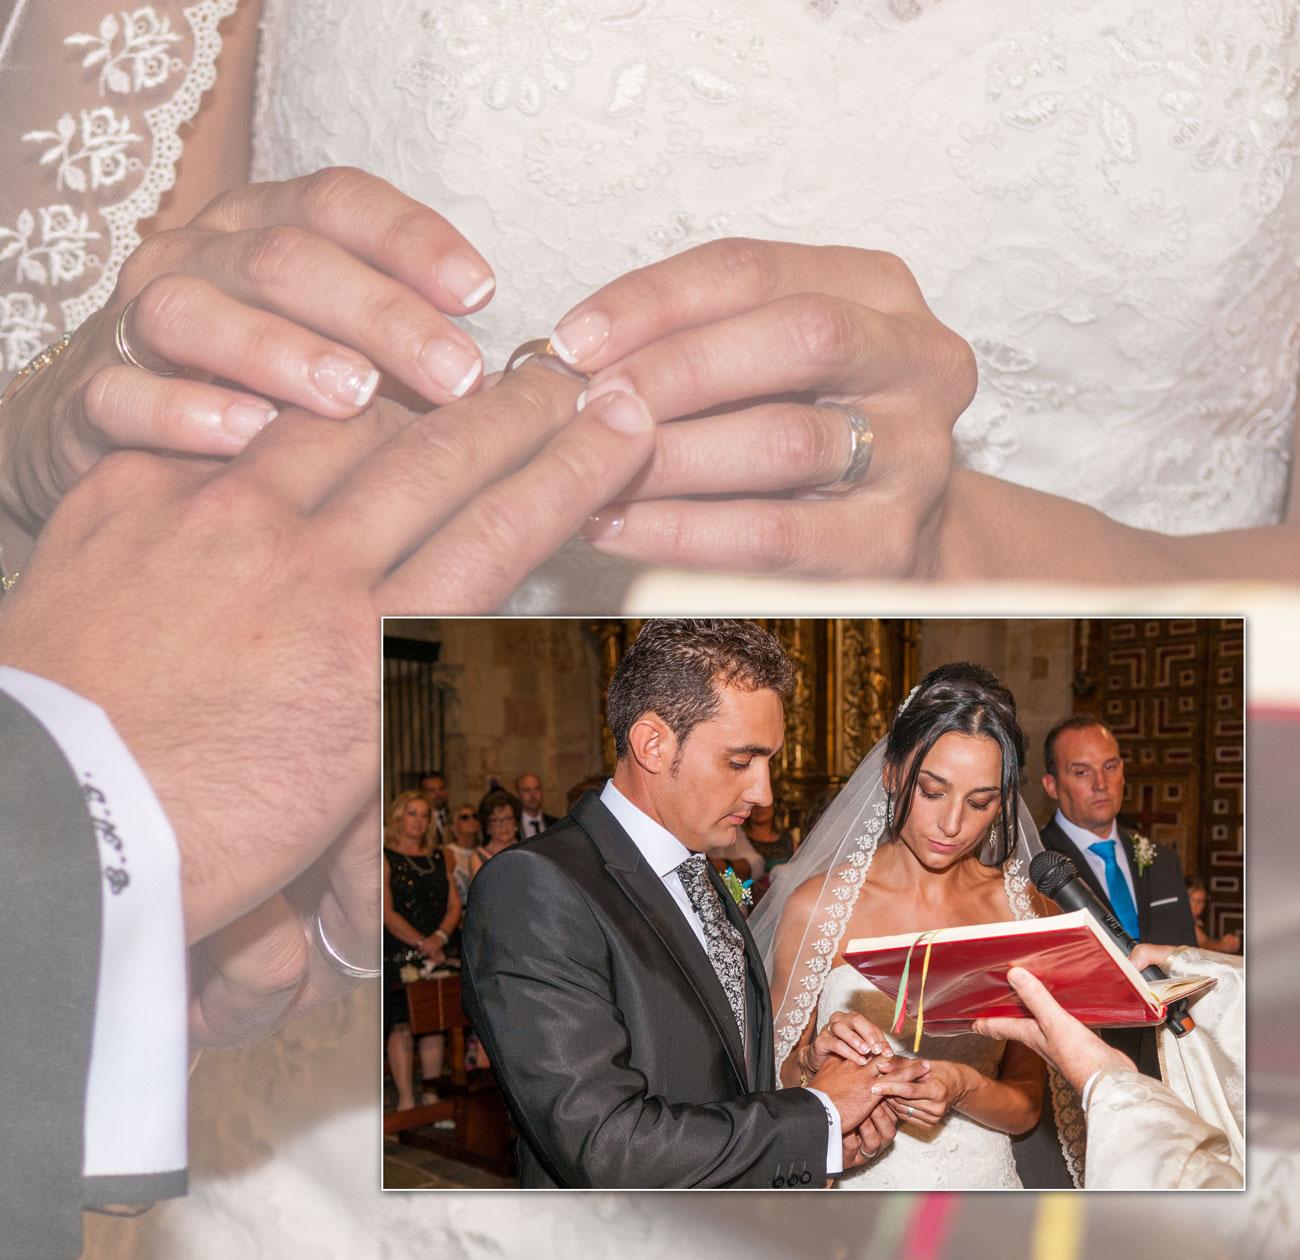 parte de una página del álbum - Carlos y Yoly, iglesia San Ildefonso, Zamora - Vicente Calvo Coria, vídeo y fotografía, Zamora